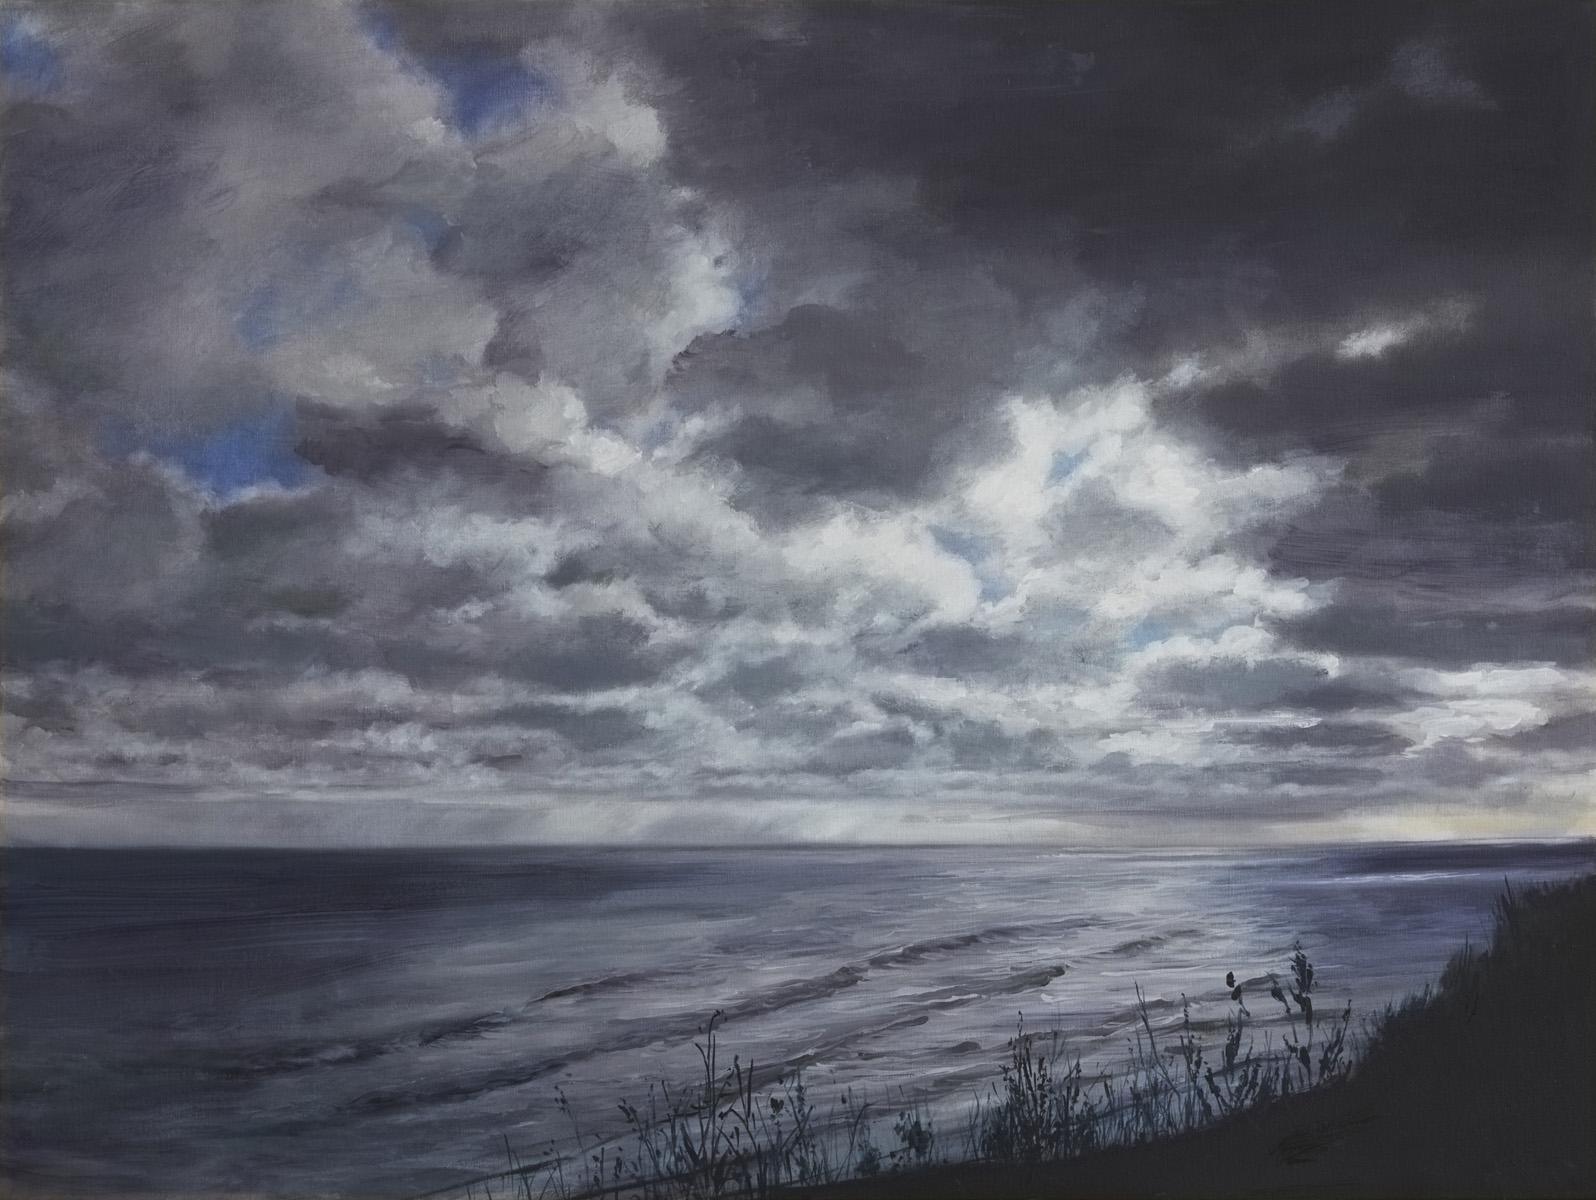 The North Sea, Happisburgh